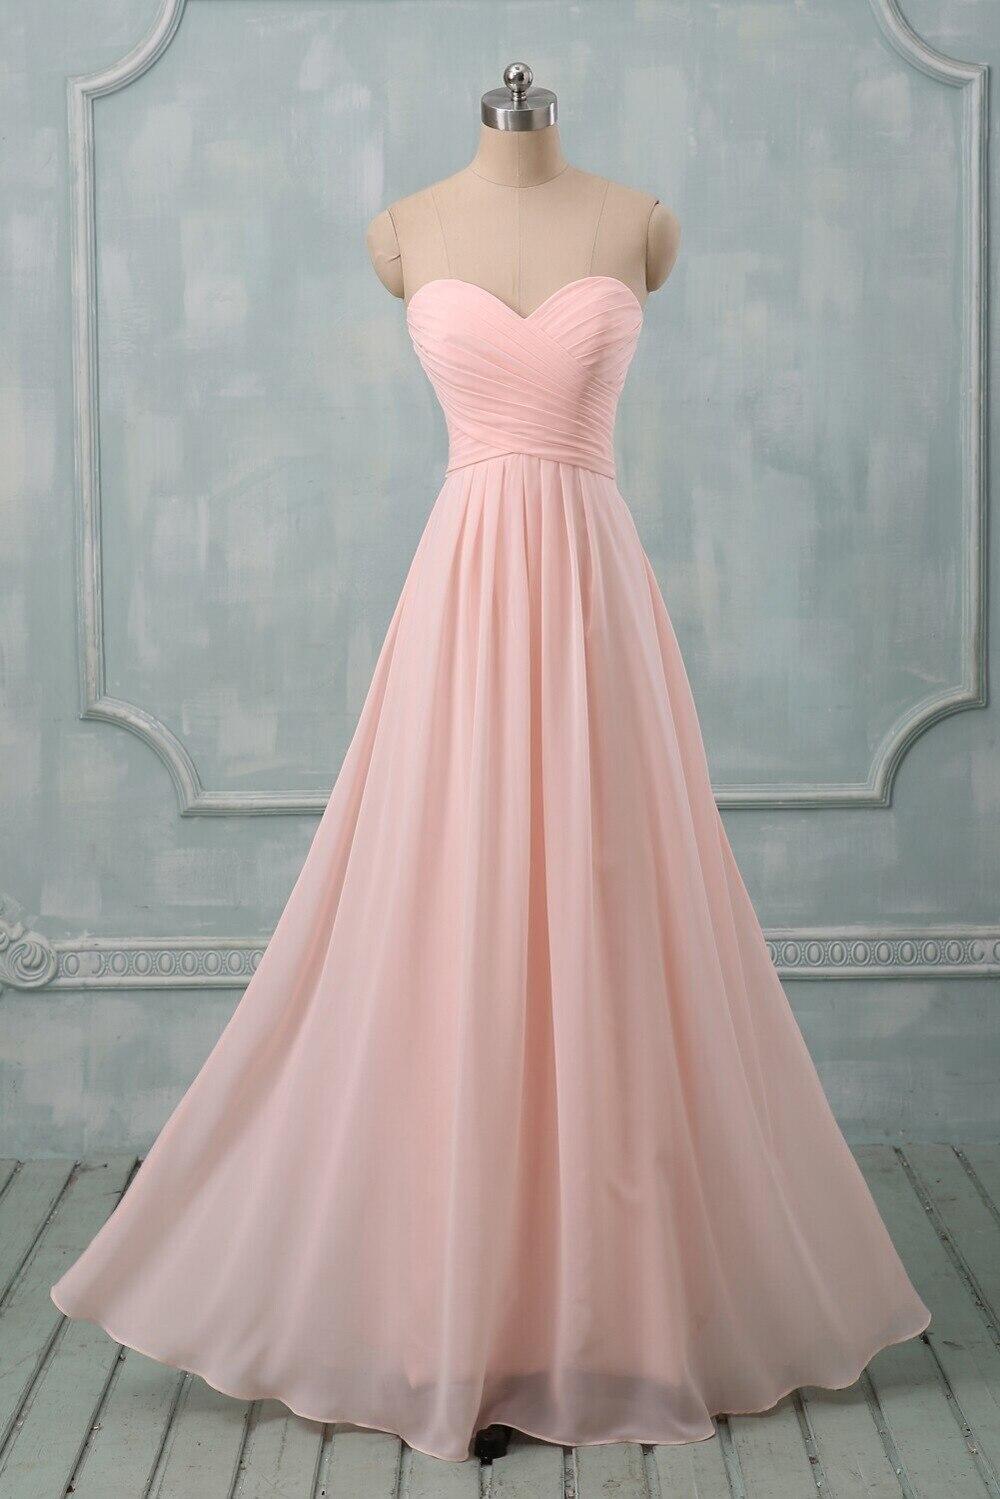 Ücretsiz Kargo Gelinlik Modelleri Uzun Düğün Parti Elbise A-Line - Düğün Abiye - Fotoğraf 3